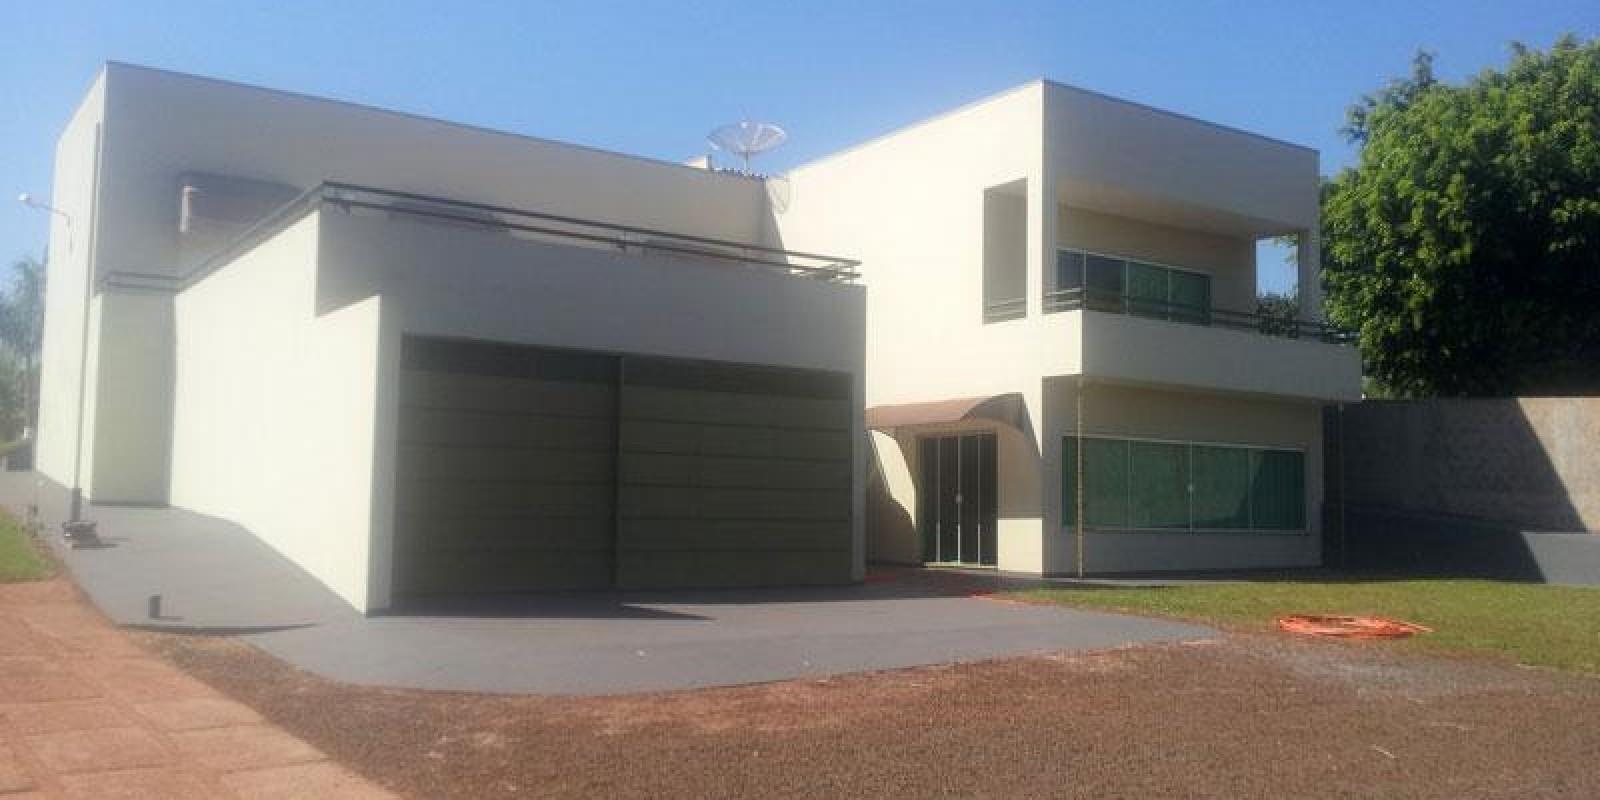 Casa na Represa, no Condomínio Riviera em Arandú SP - Foto 11 de 20